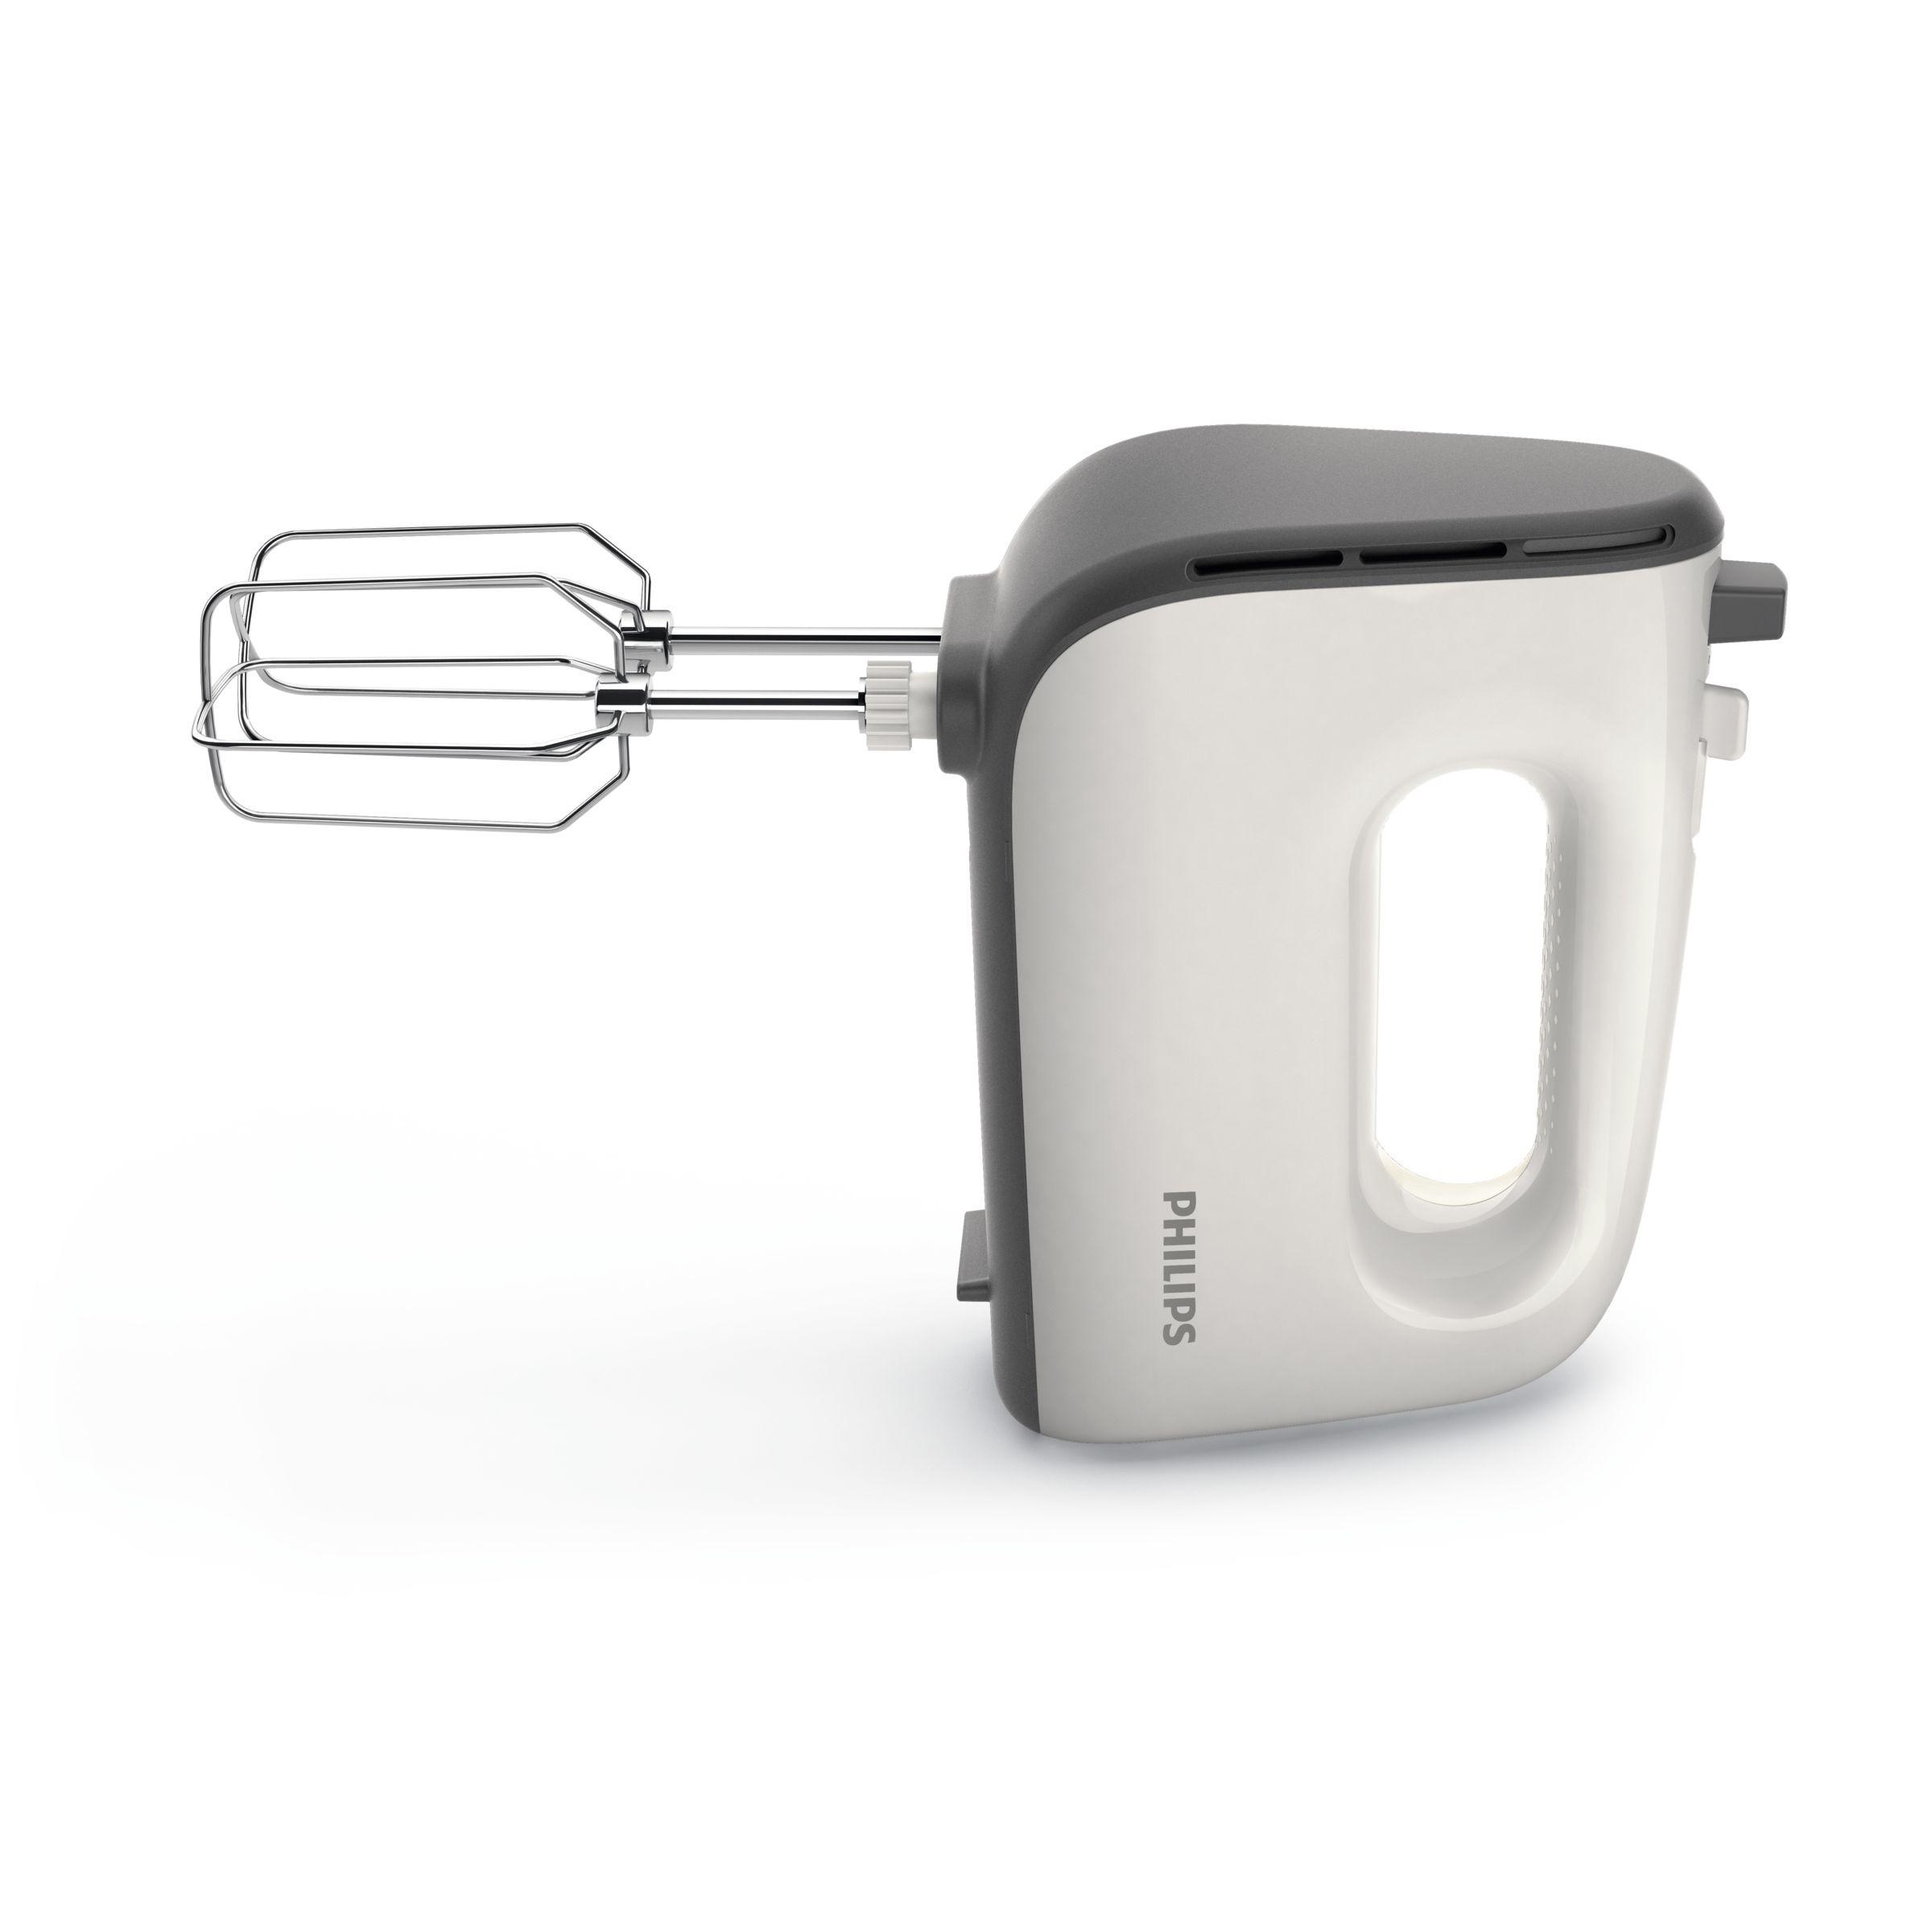 Korting Philips HR3741 00 mixer